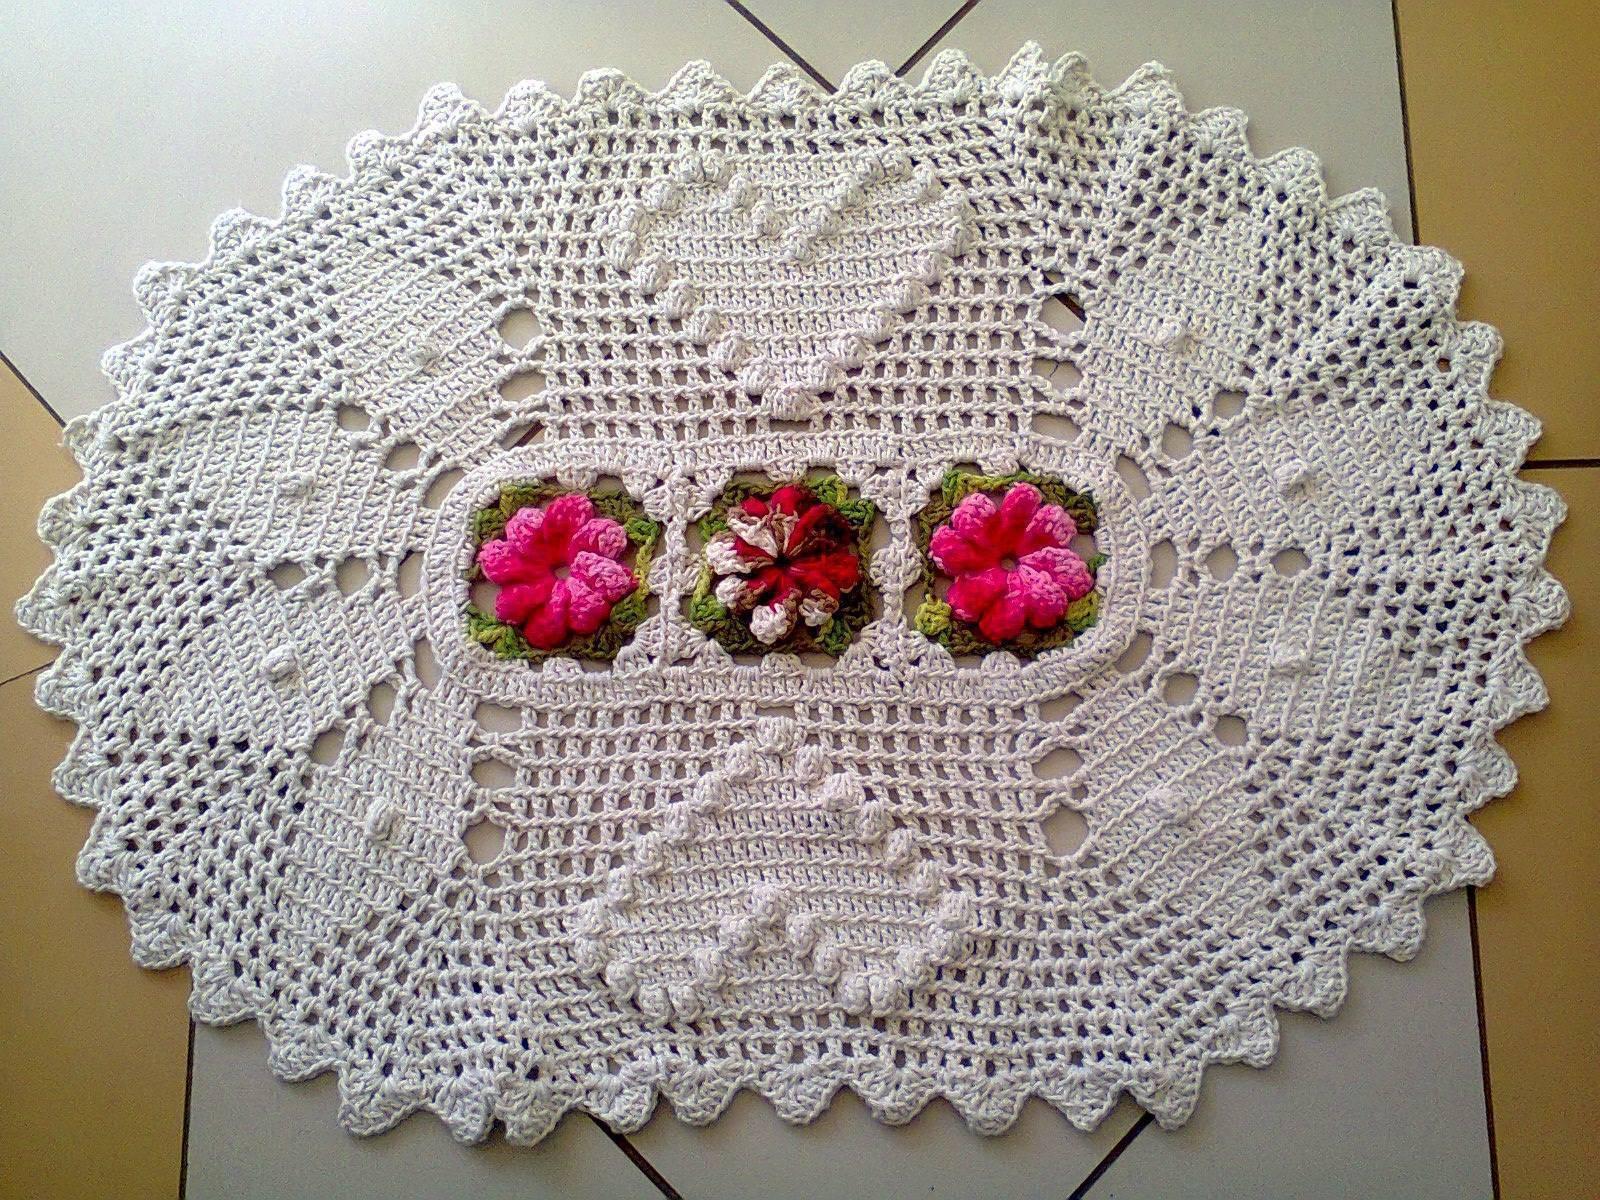 tapetes de crochê com flores lindas e simples